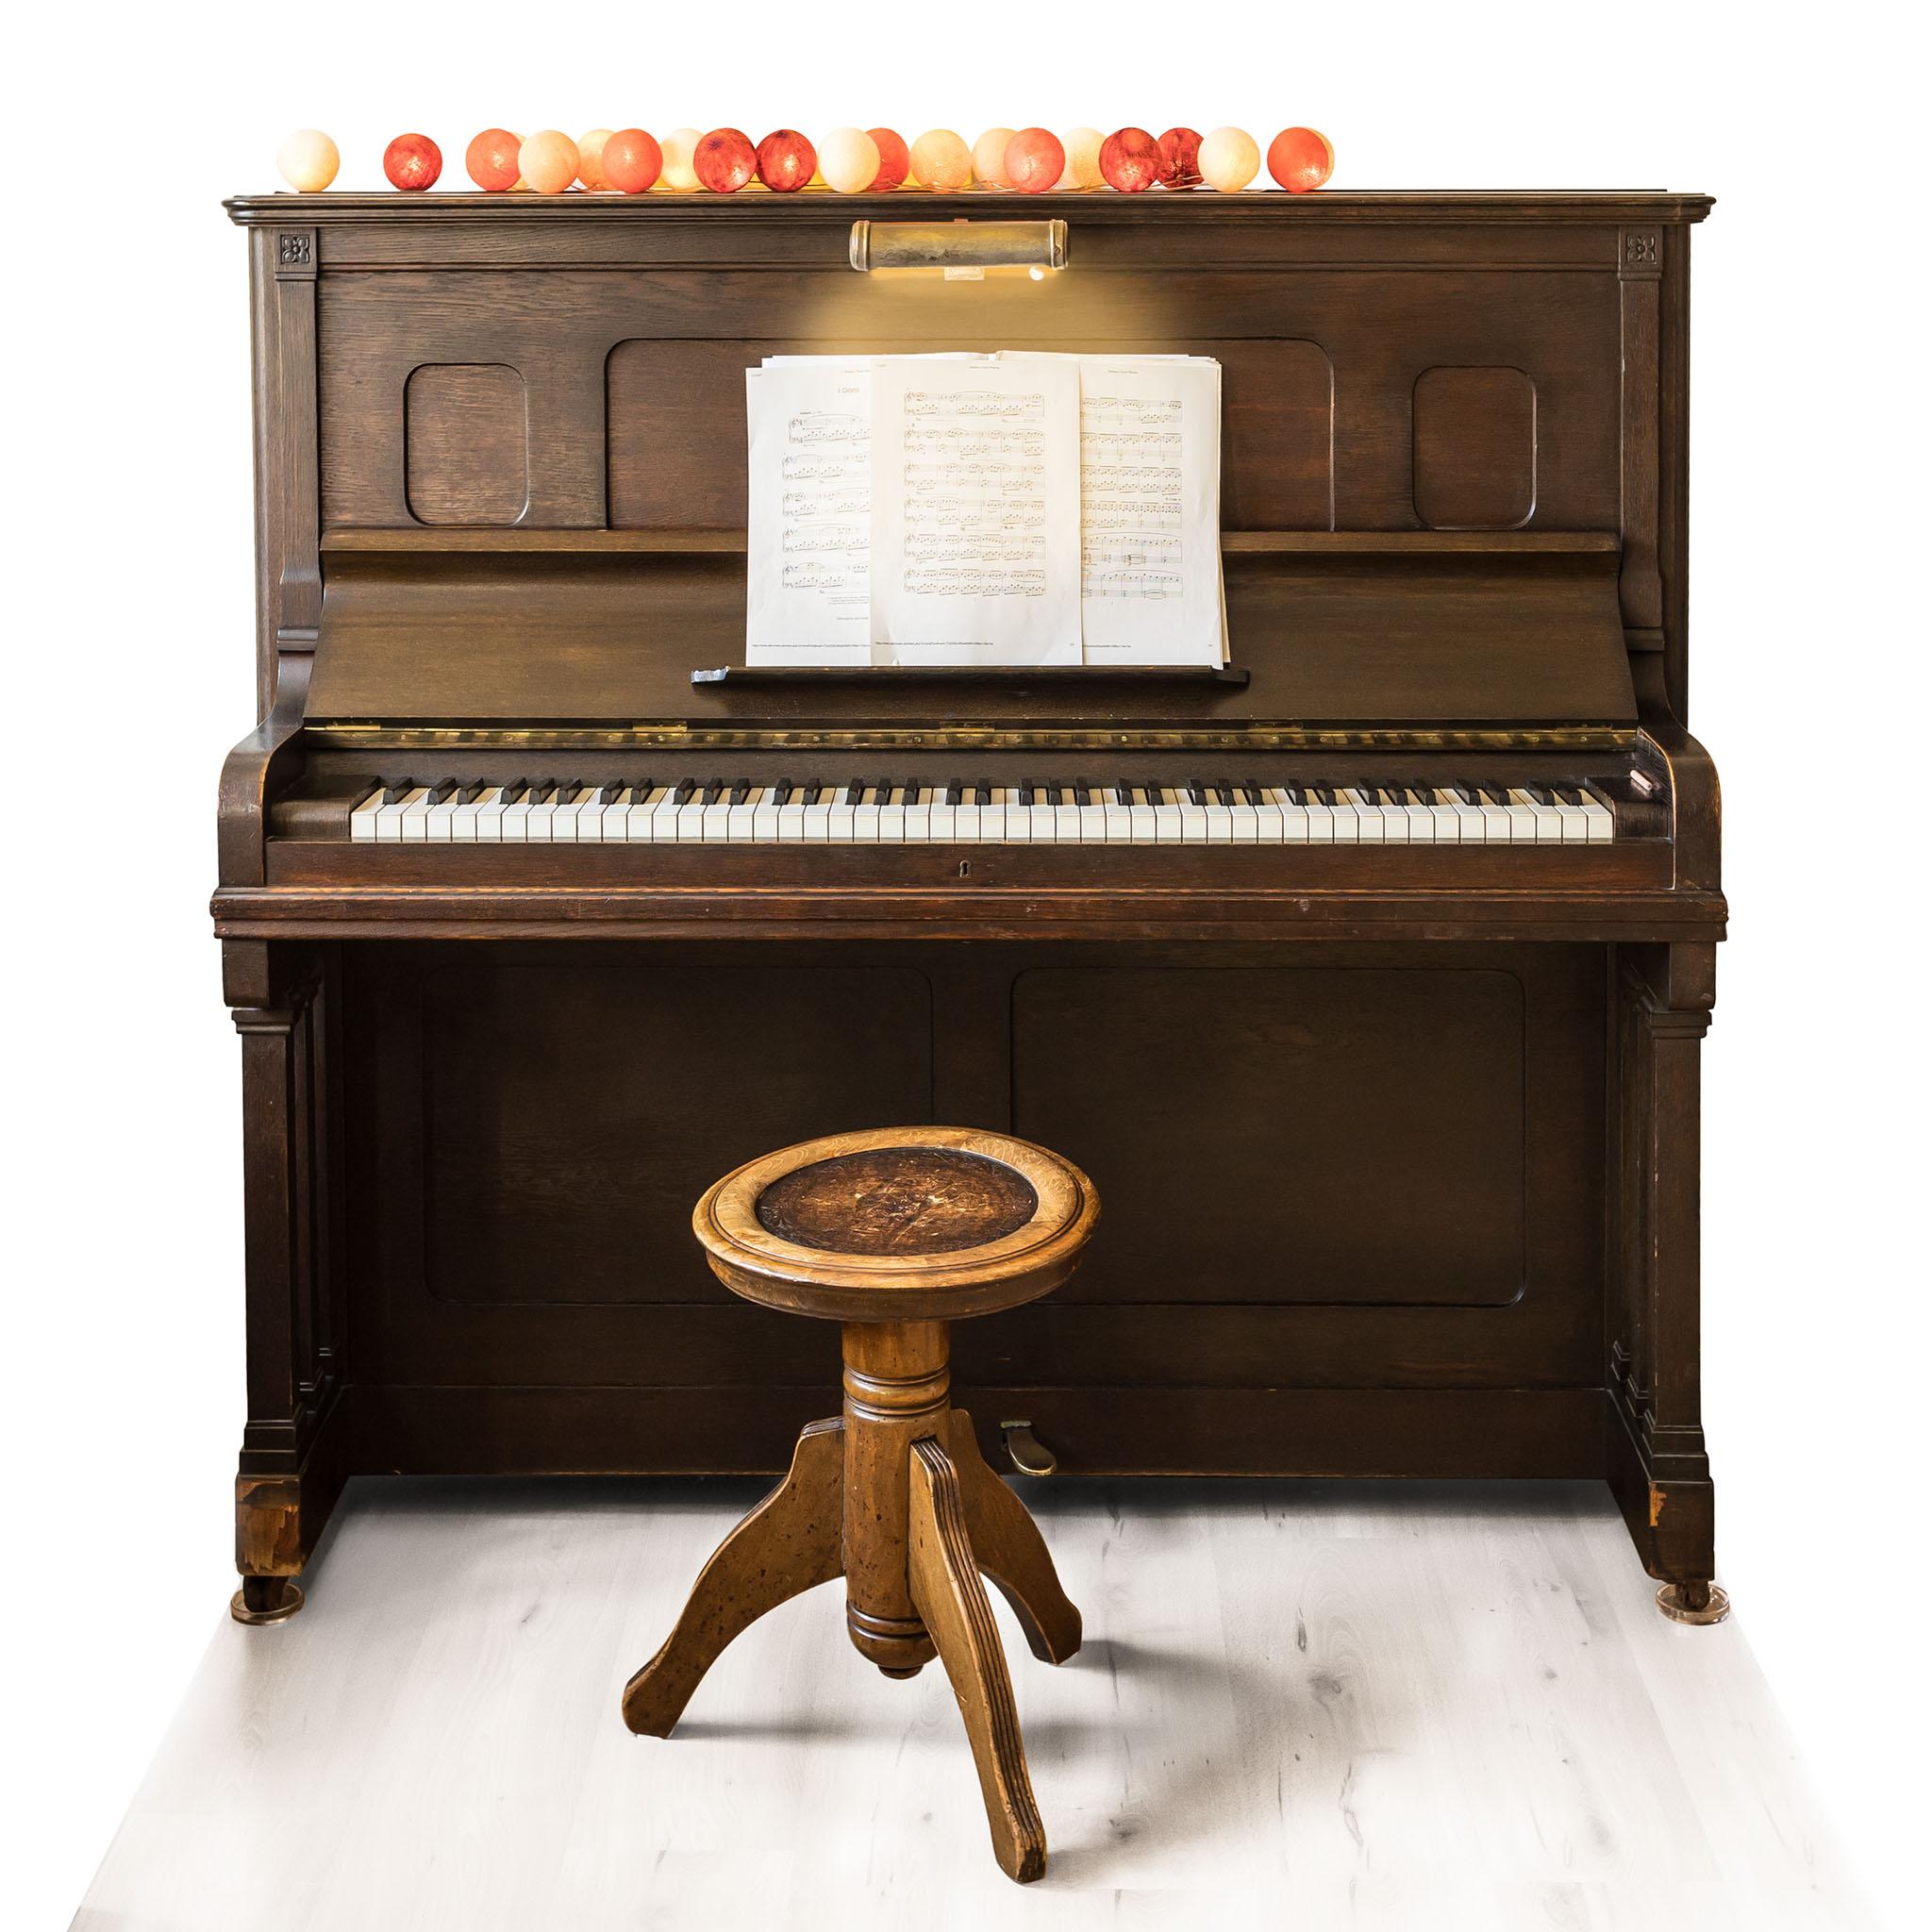 Altes Klavier aus dunklem Holz, davor ein Dreibeinhocker